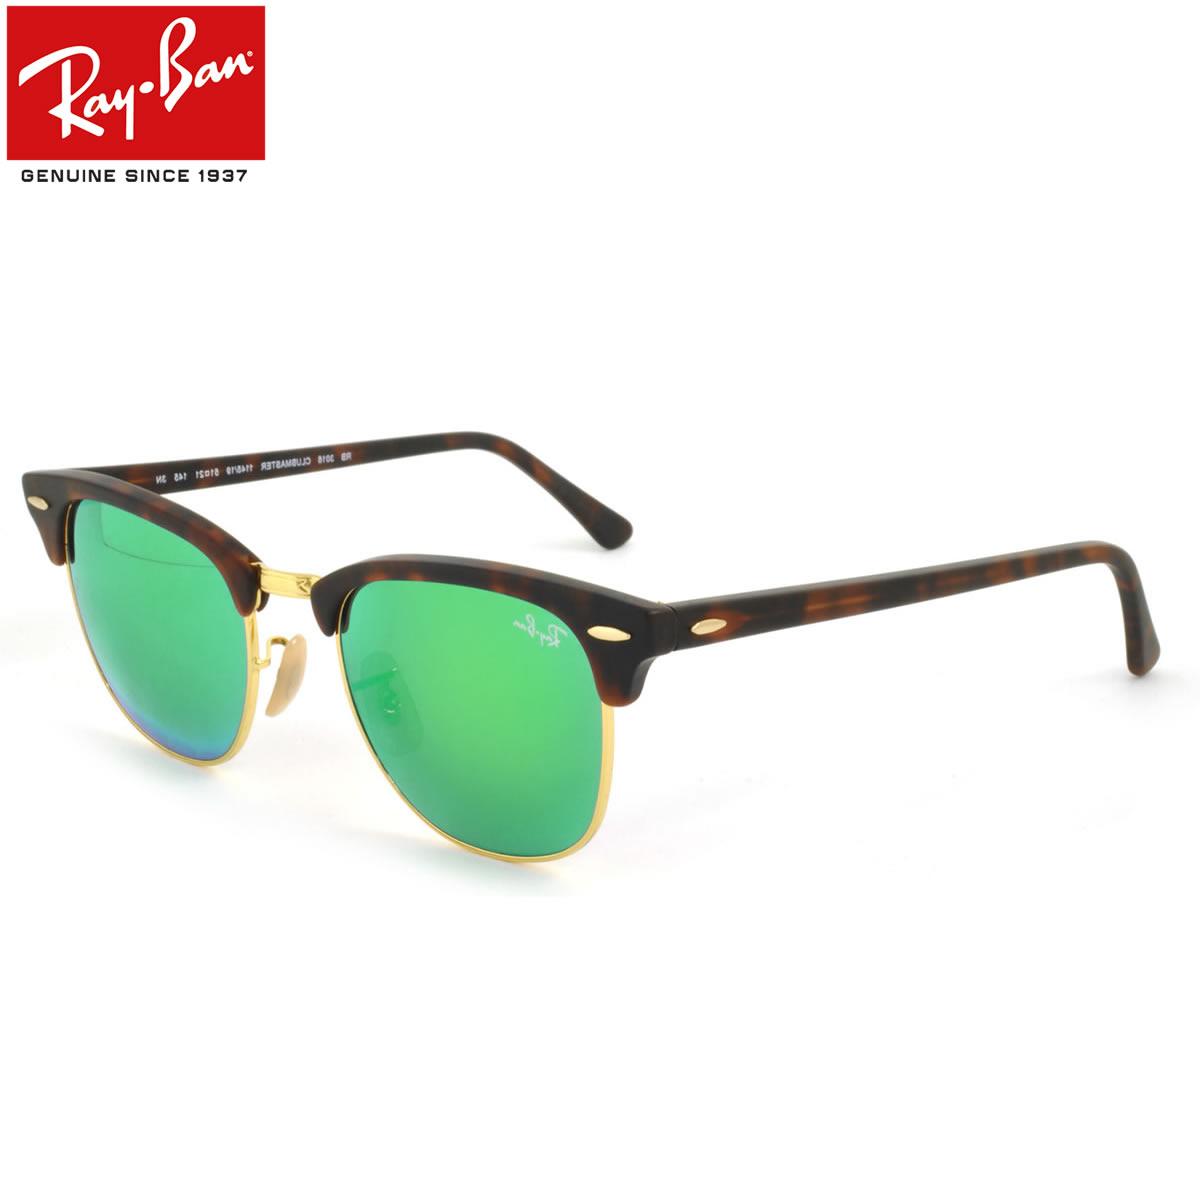 【Ray-Ban】(レイバン) クラブマスター サングラス RB3016 114519 5…...:thats:10025163